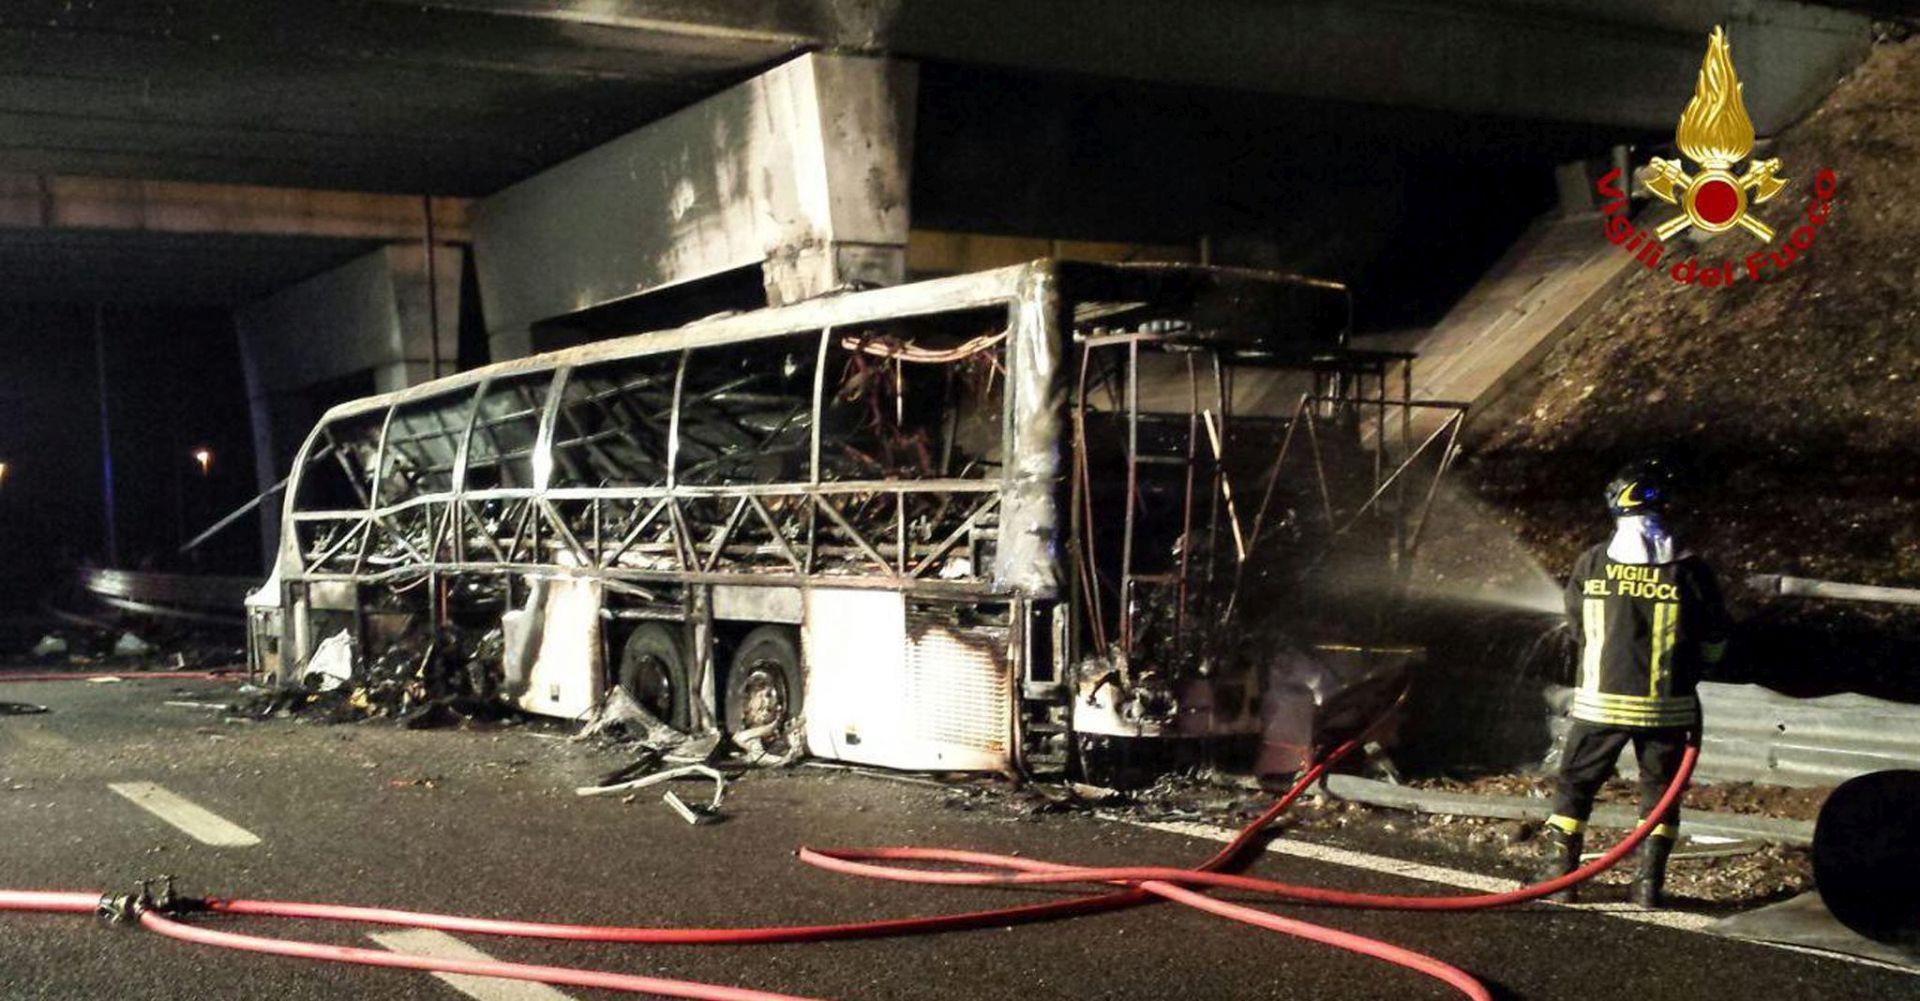 ITALIJA Autobus s mađarskim školarcima zabio se u stup i zapalio, najmanje 16 poginulih